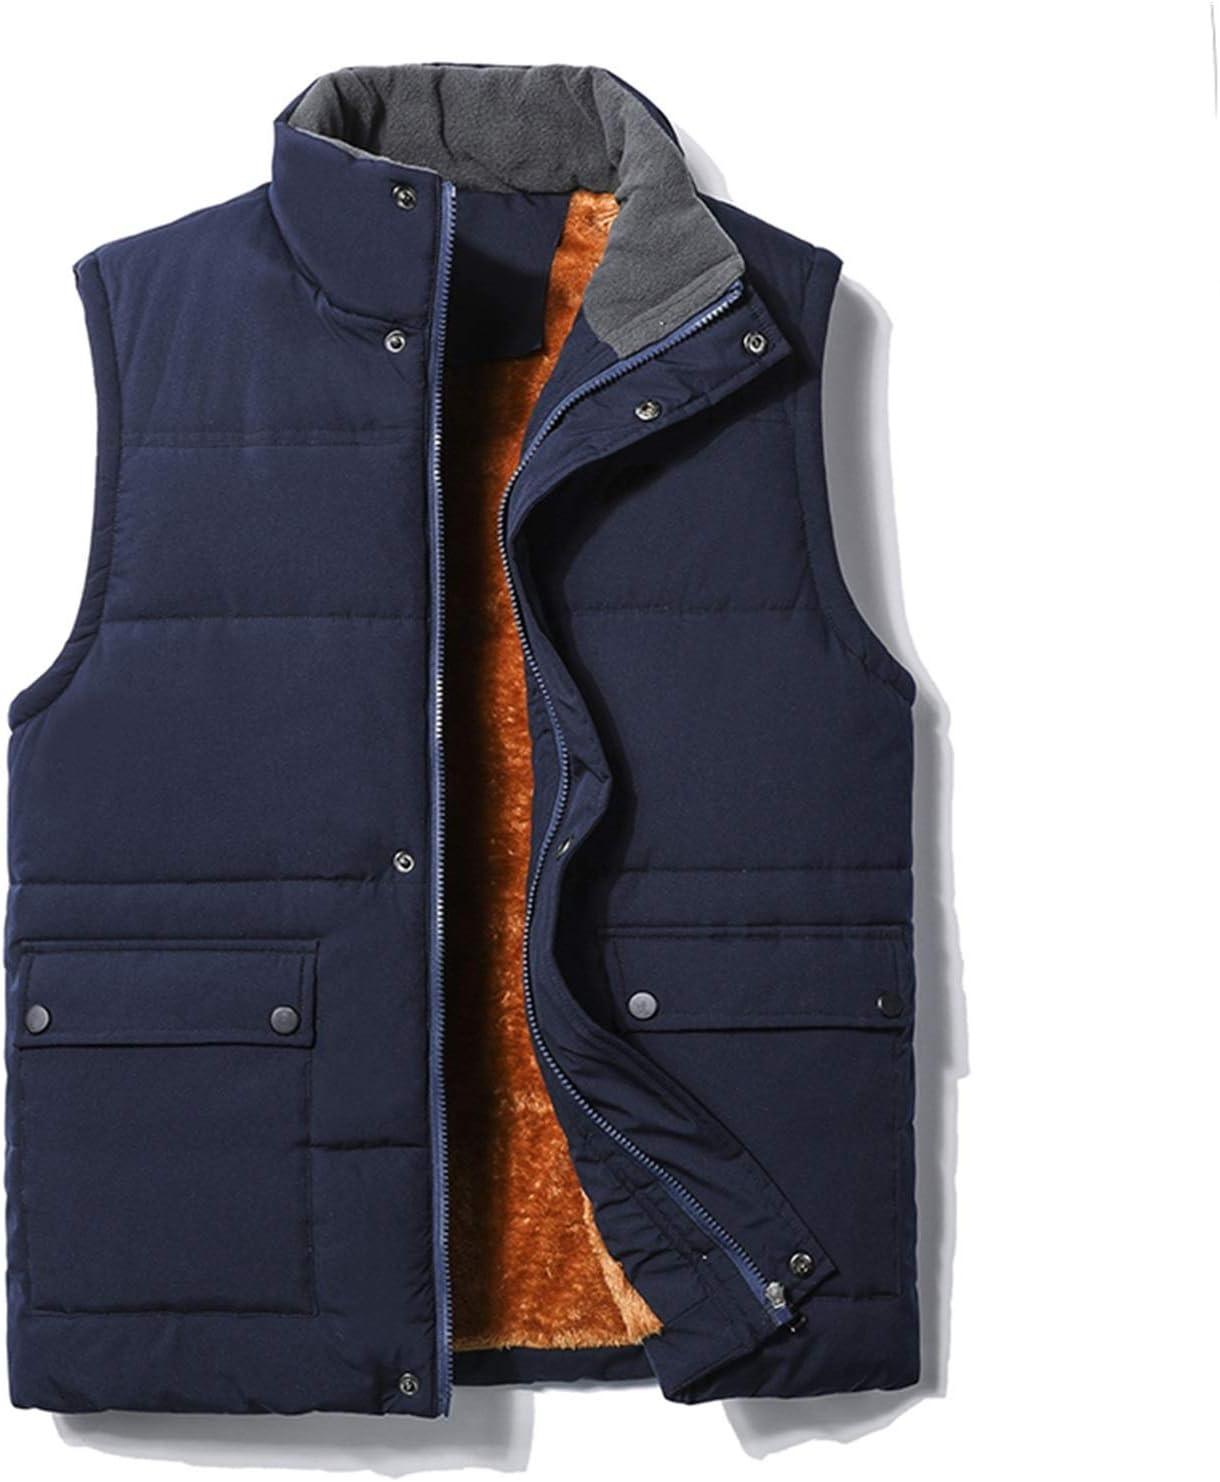 LYLY Vest Women Men's Vest Zipper Button Casual Coats Male Pure Color Autumn Winter Sleeveless Waistcoat Fleece Warm Vest Top Coat 5XL Vest Warm (Color : Blue, Size : XL)